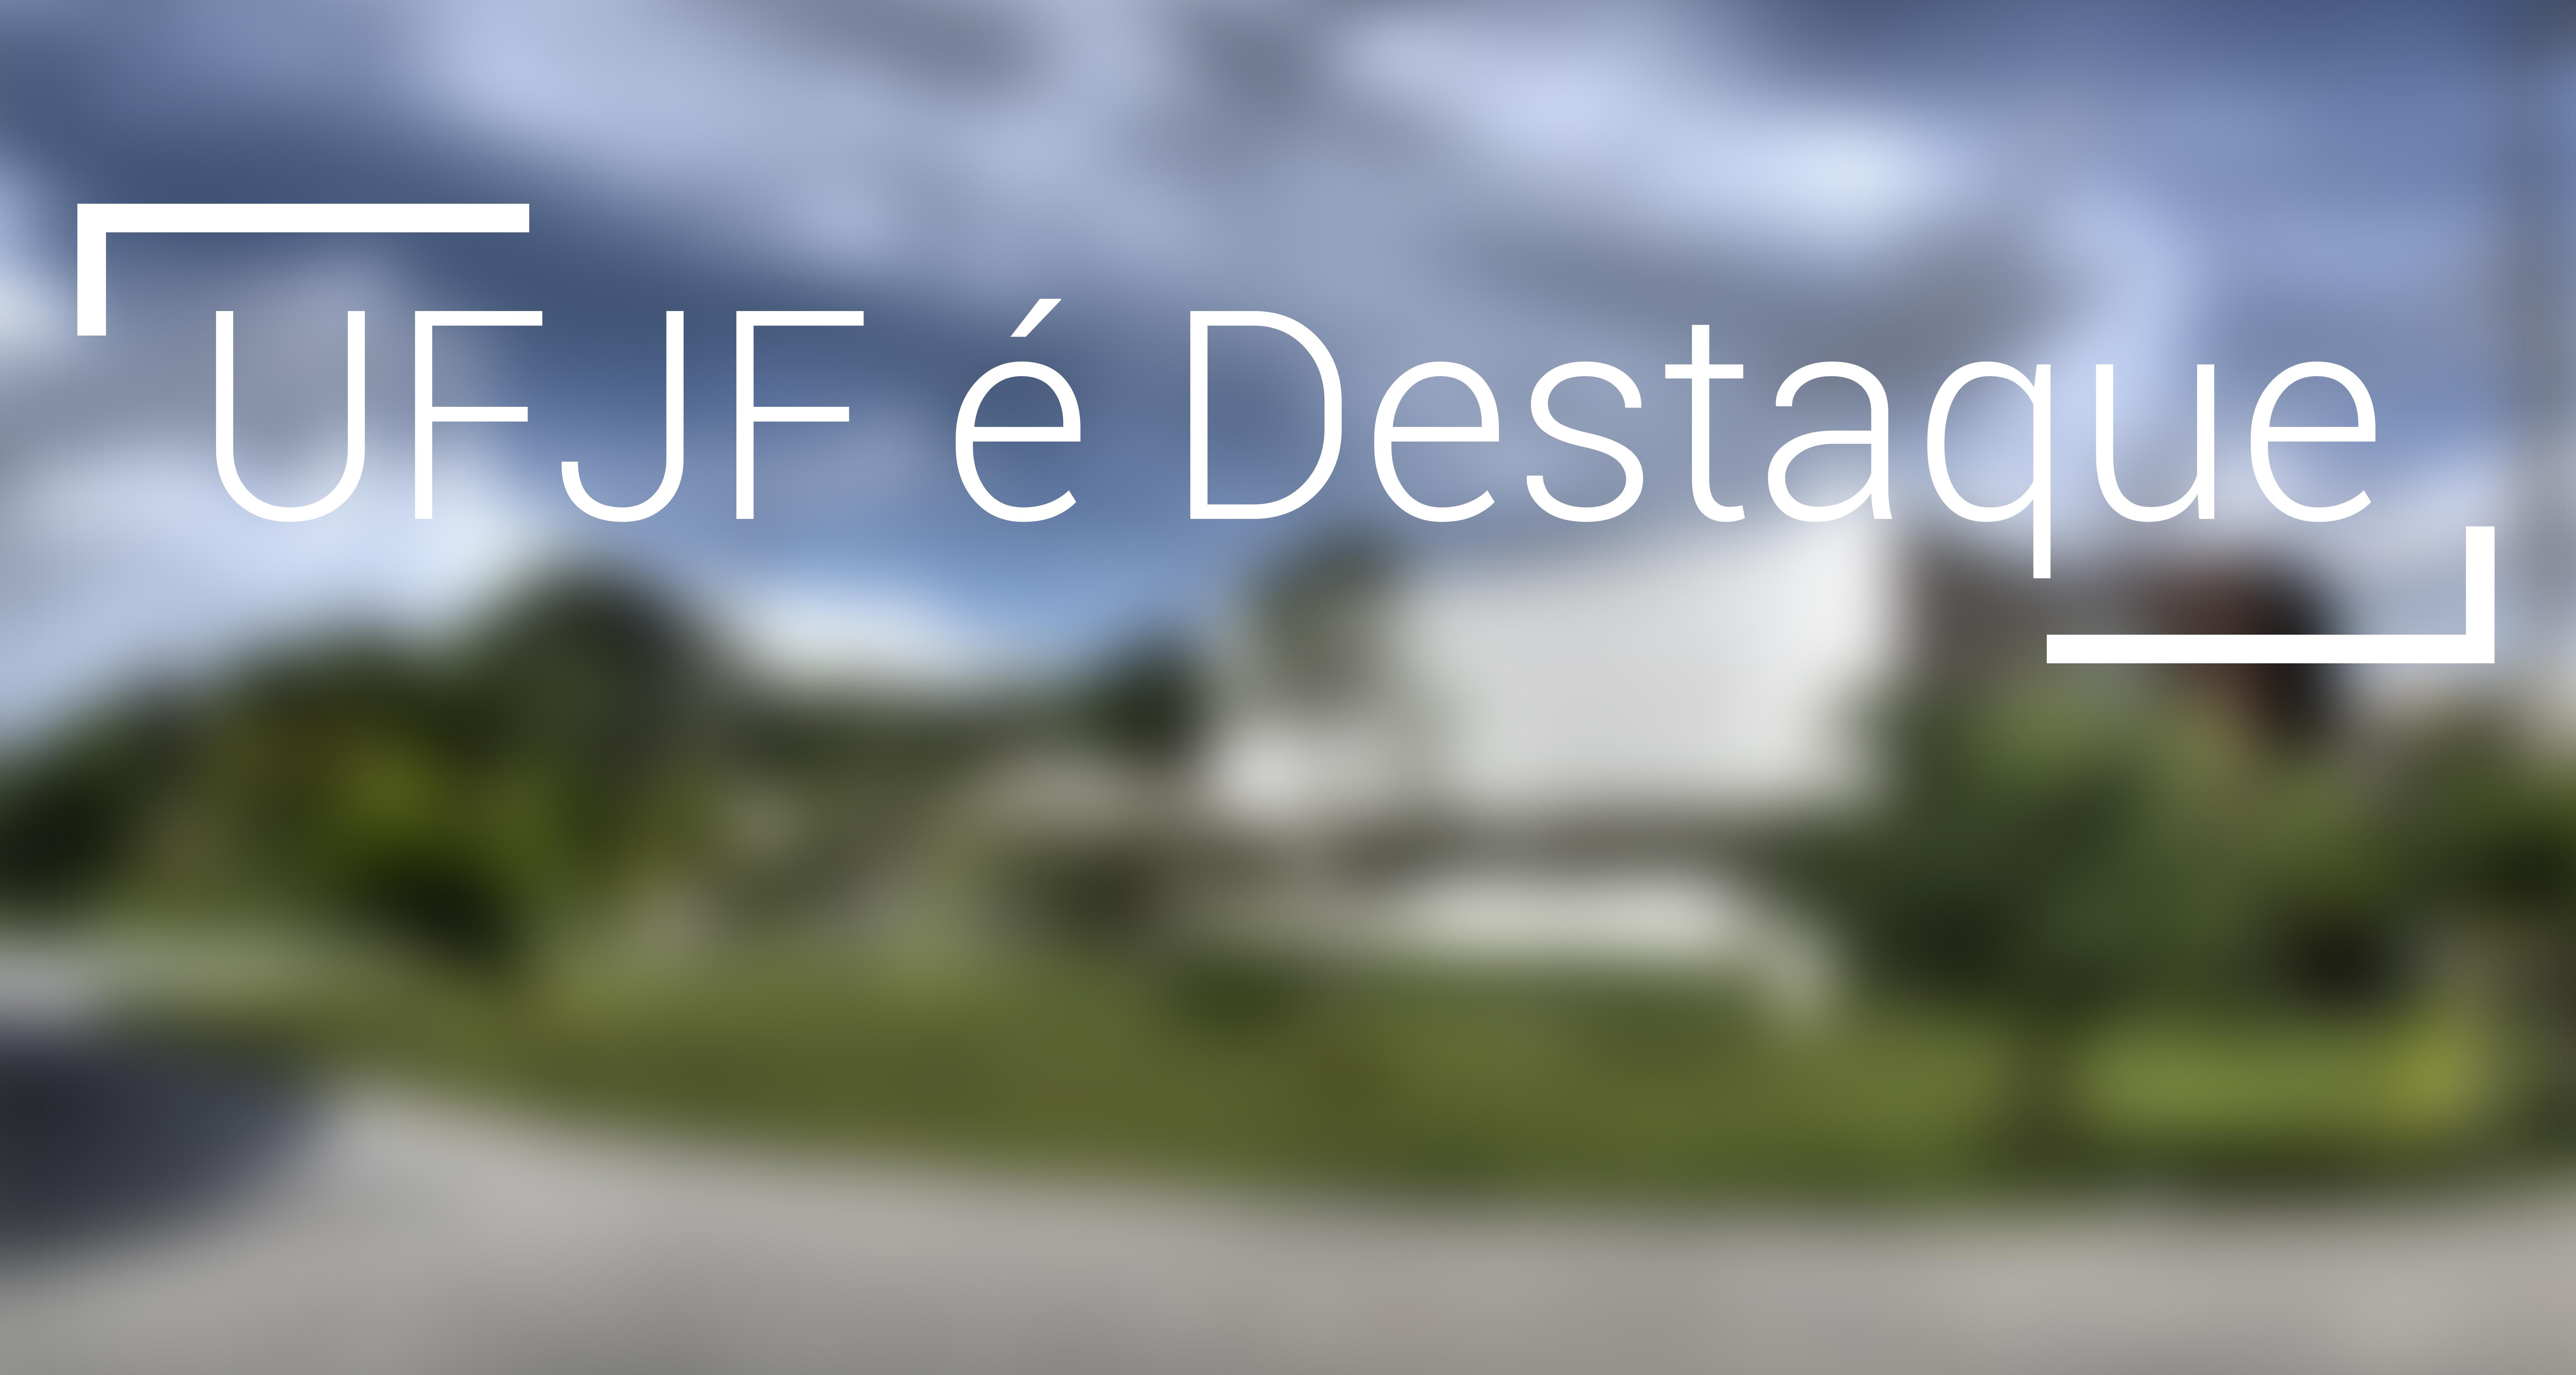 UFJF entra em ranking de melhores universidades latino-americanas